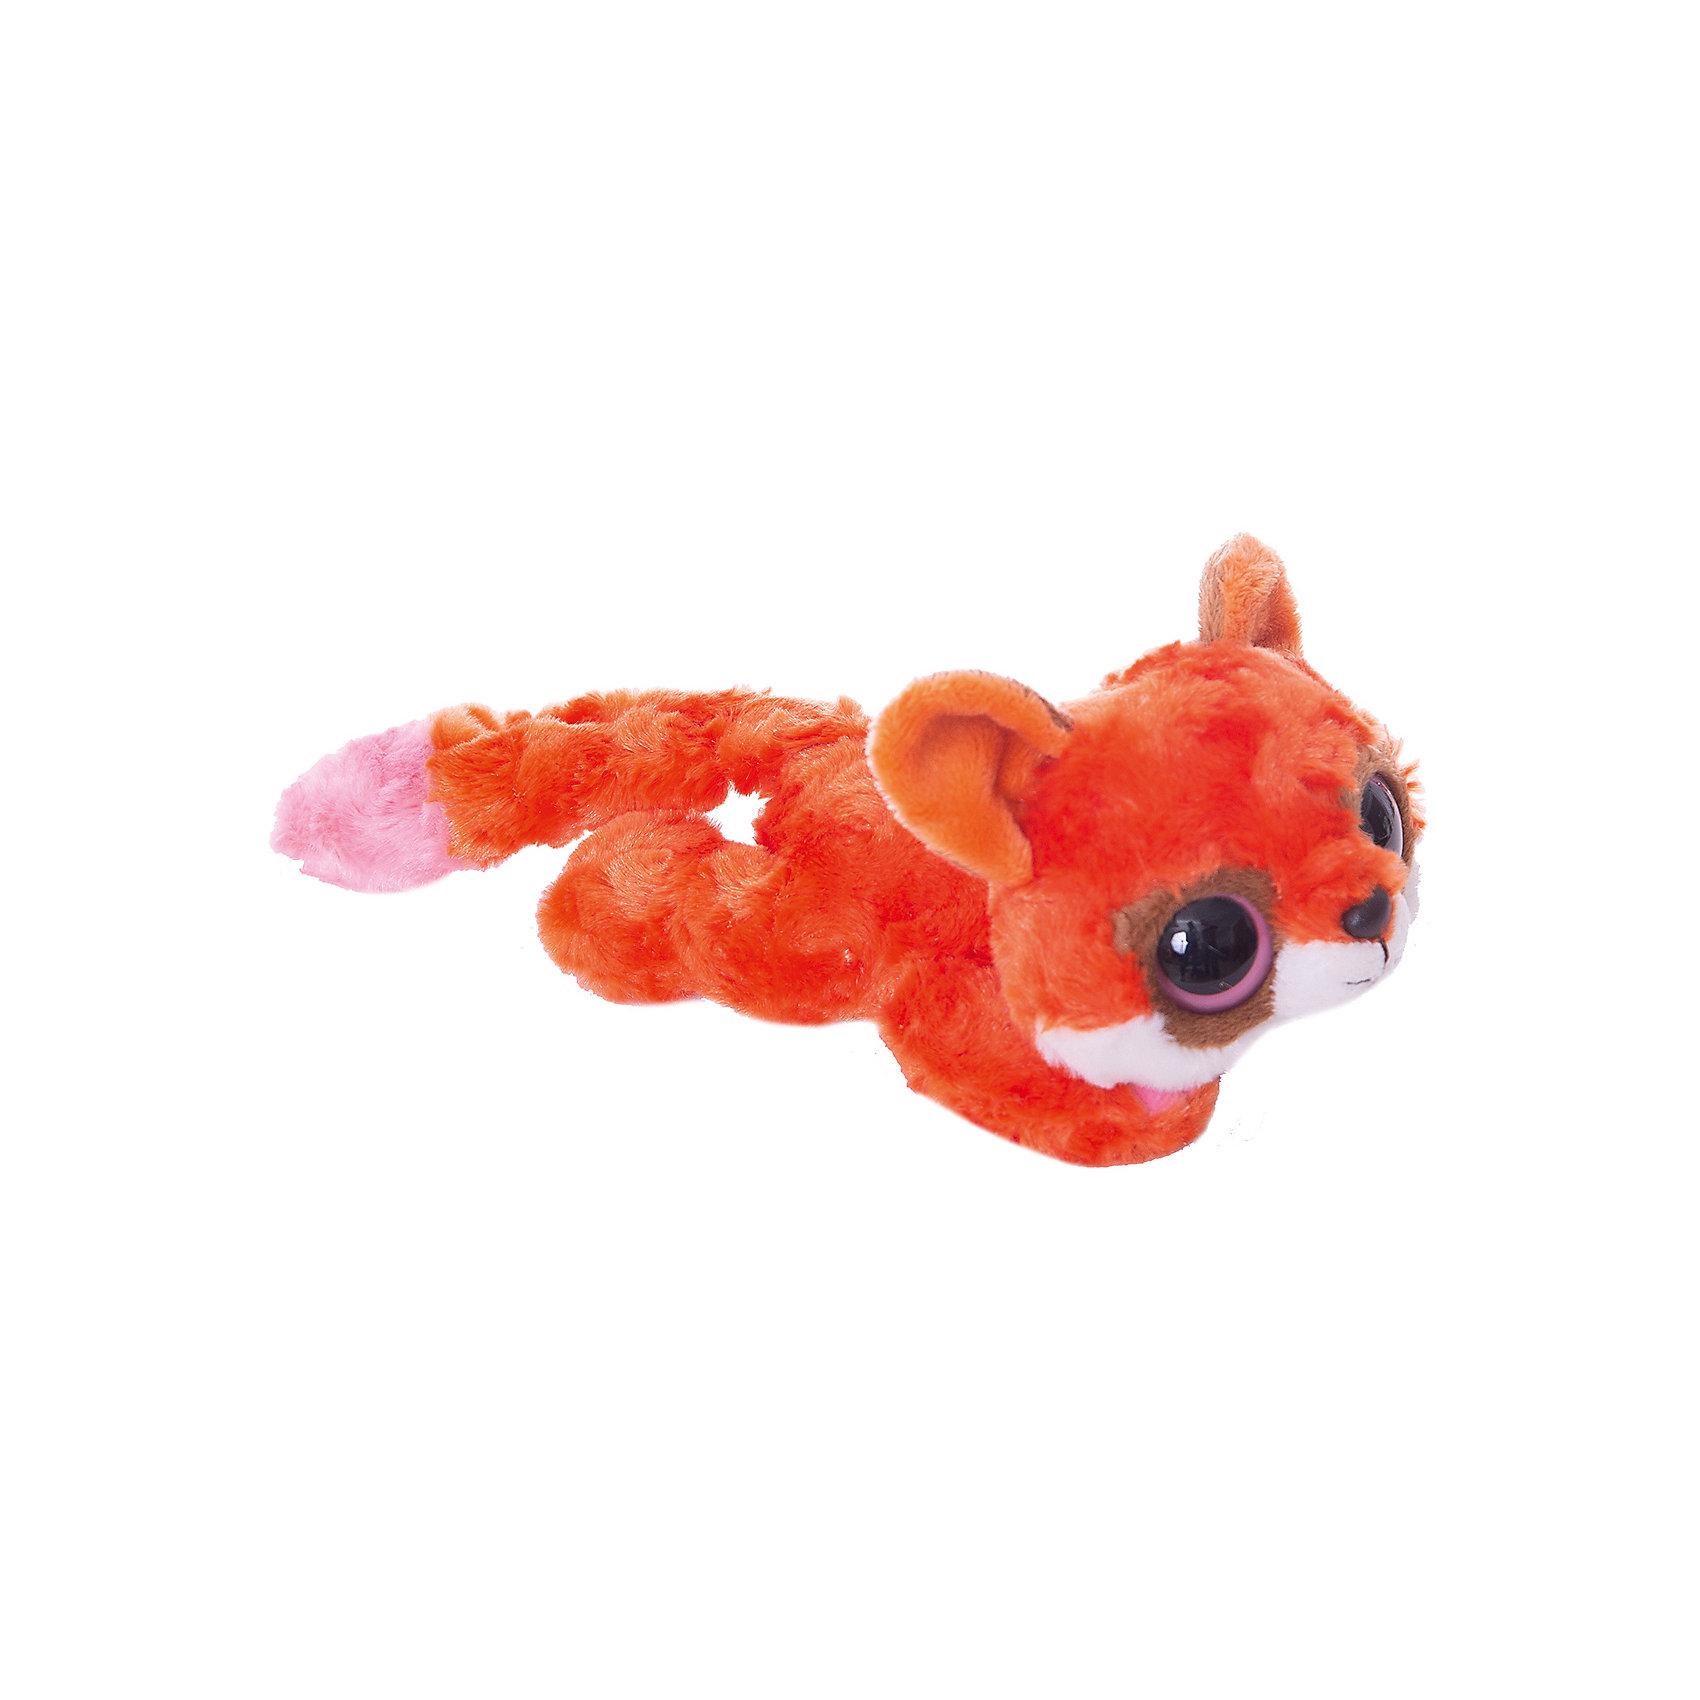 AURORA Мягкая игрушка Лисица красная лежачая, 16 см, Юху и друзья, AURORA мягкая игрушка лисица aurora юху и друзья фенек плюш белый розовый 12 см